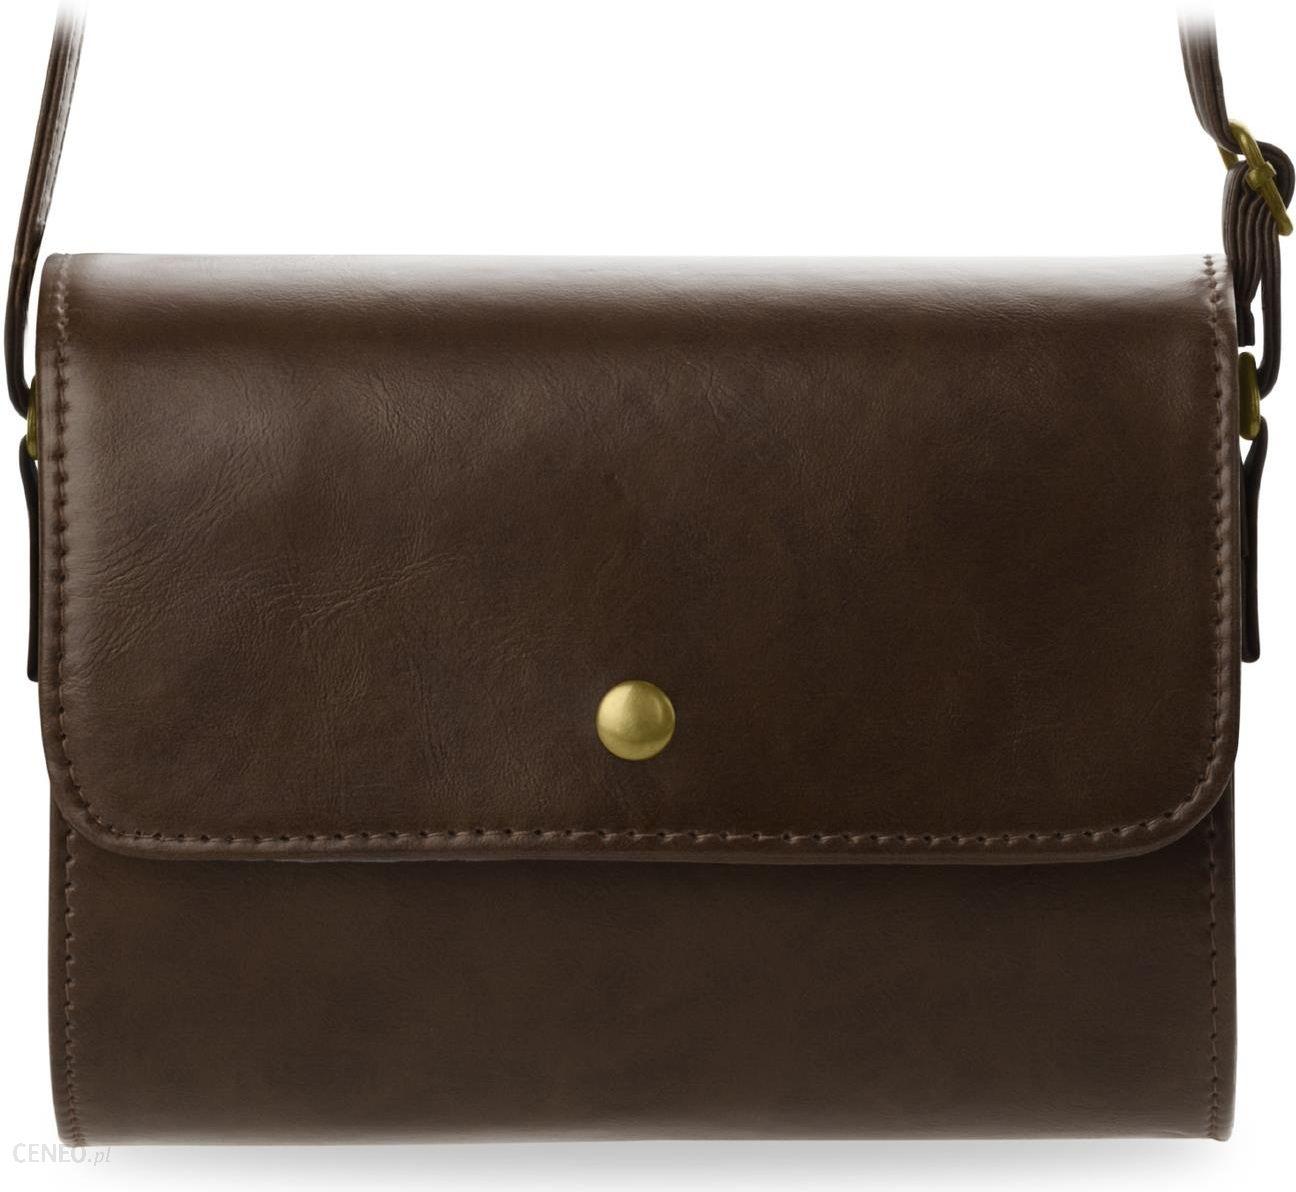 Mała sztywna torebka damska listonoszka przewieszka retro kolory brązowy